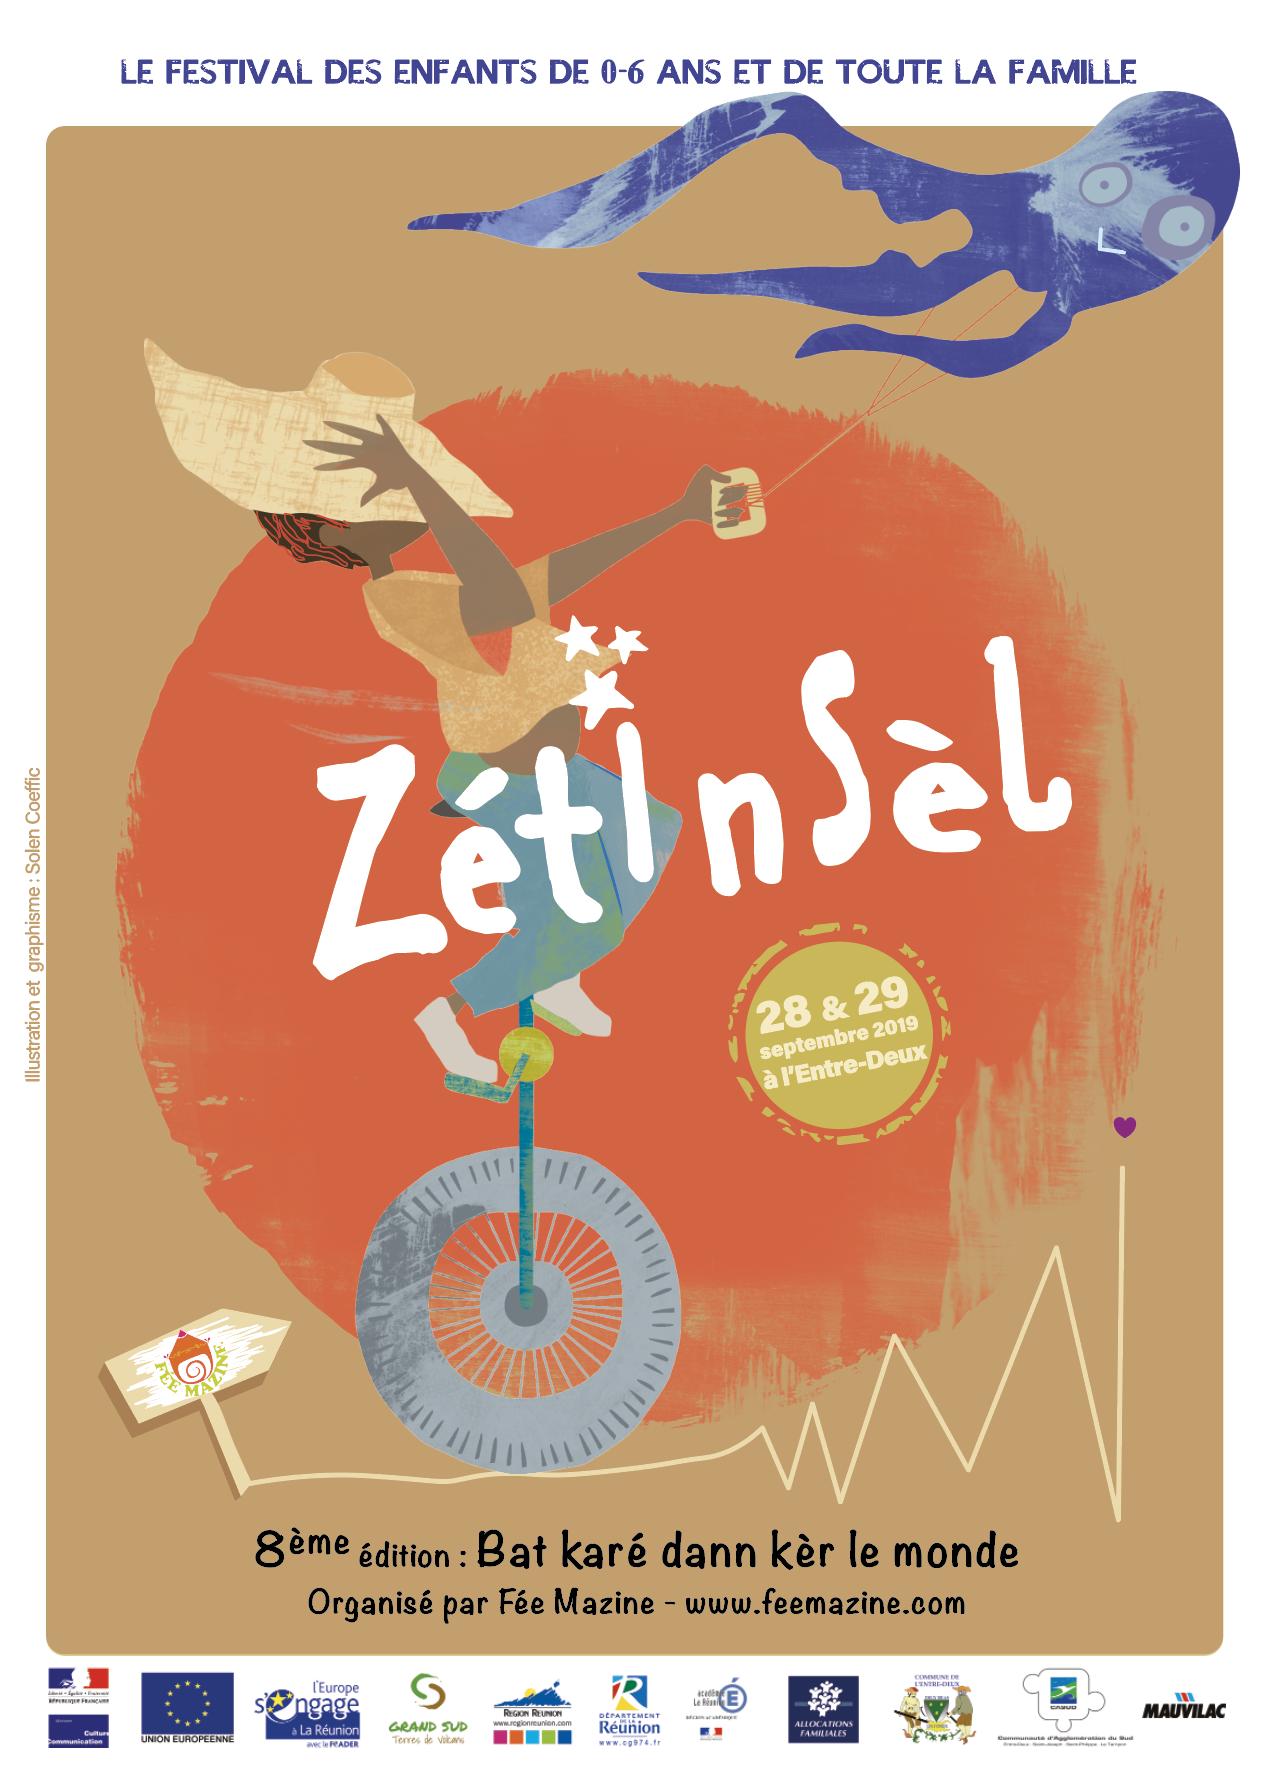 Zétinsel investit L'Entre Deux ce weekend